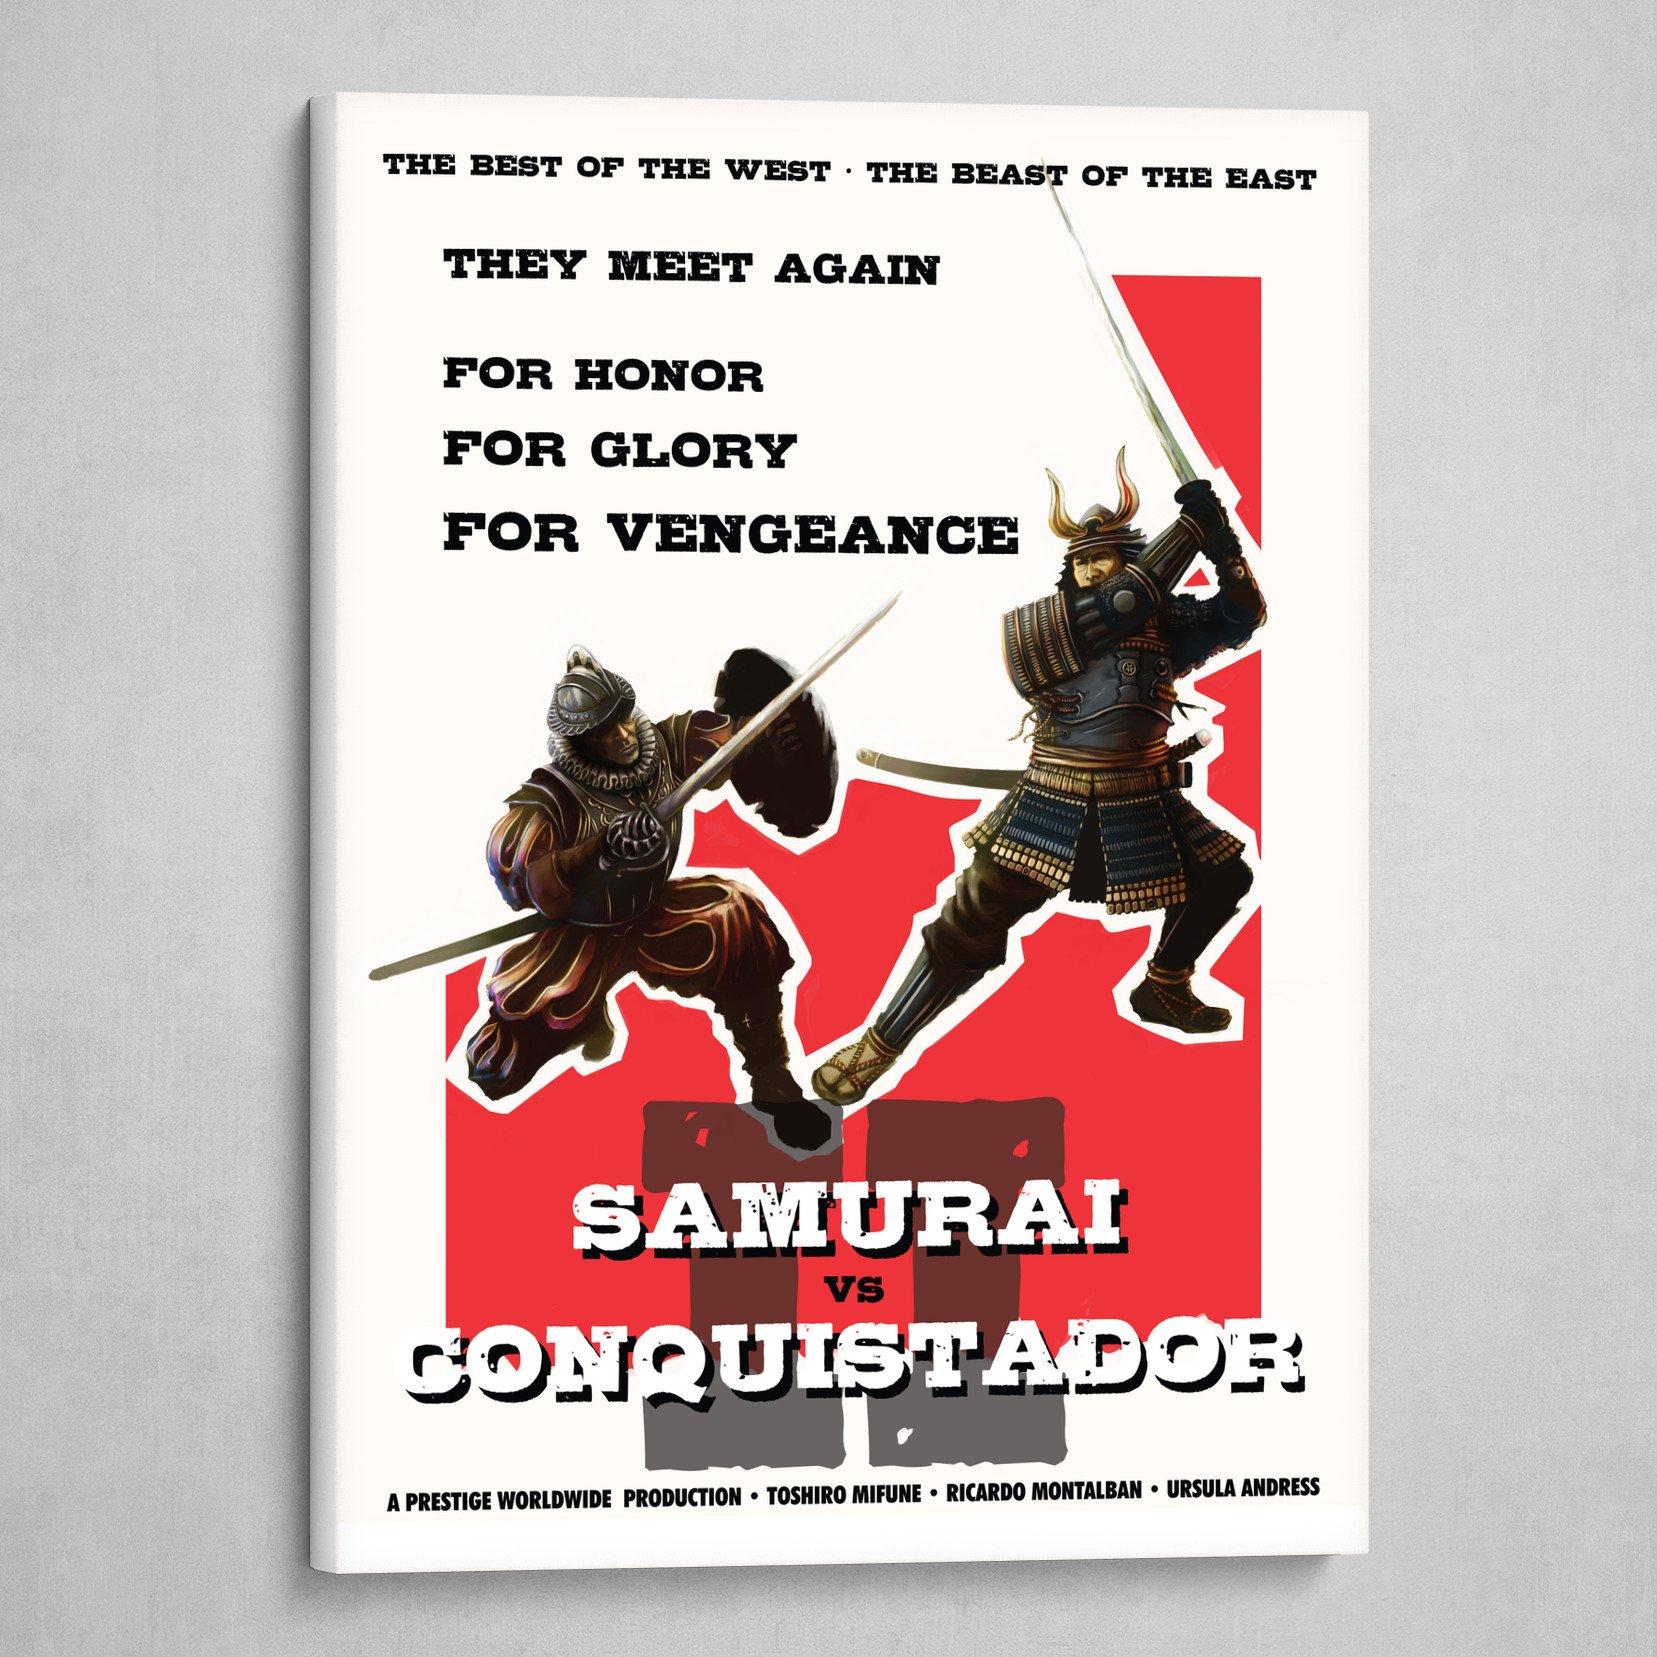 Samurai vs Conquistador 2